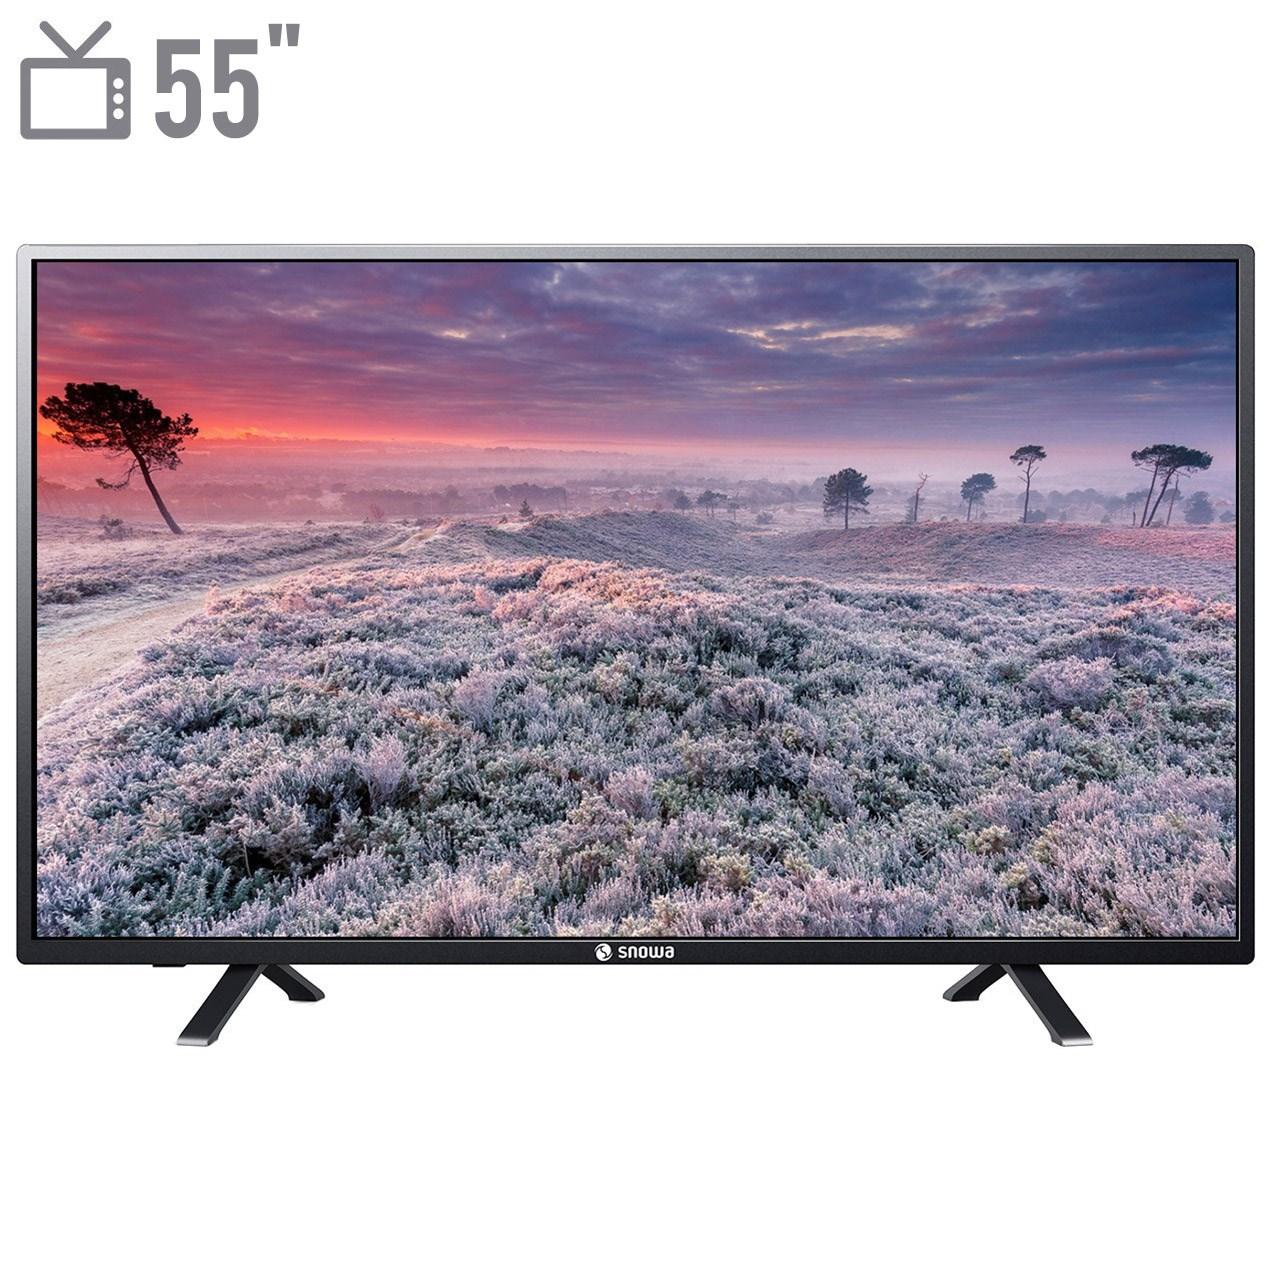 بررسی تلویزیون 55 اینچی اسنوا مدل S37BLDT2